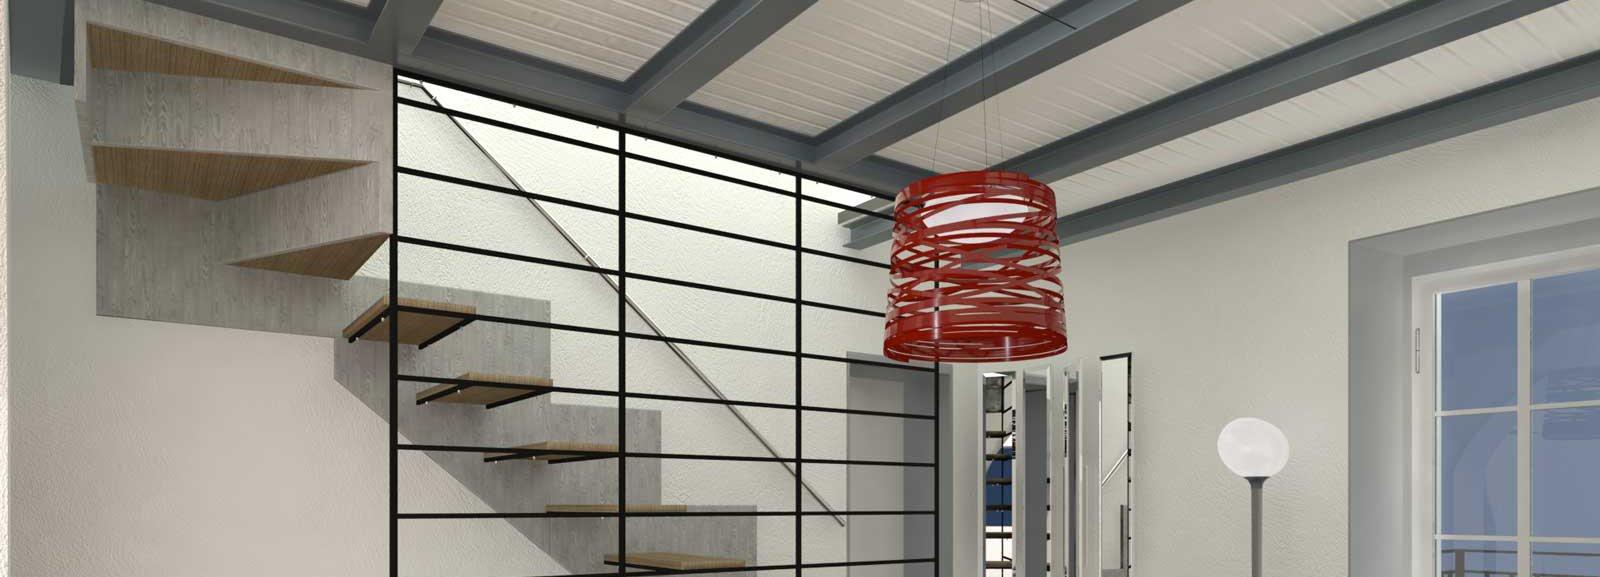 Progetto in pianta e 3d della casa su 3 livelli cose di casa for Disposizione della casa 3d